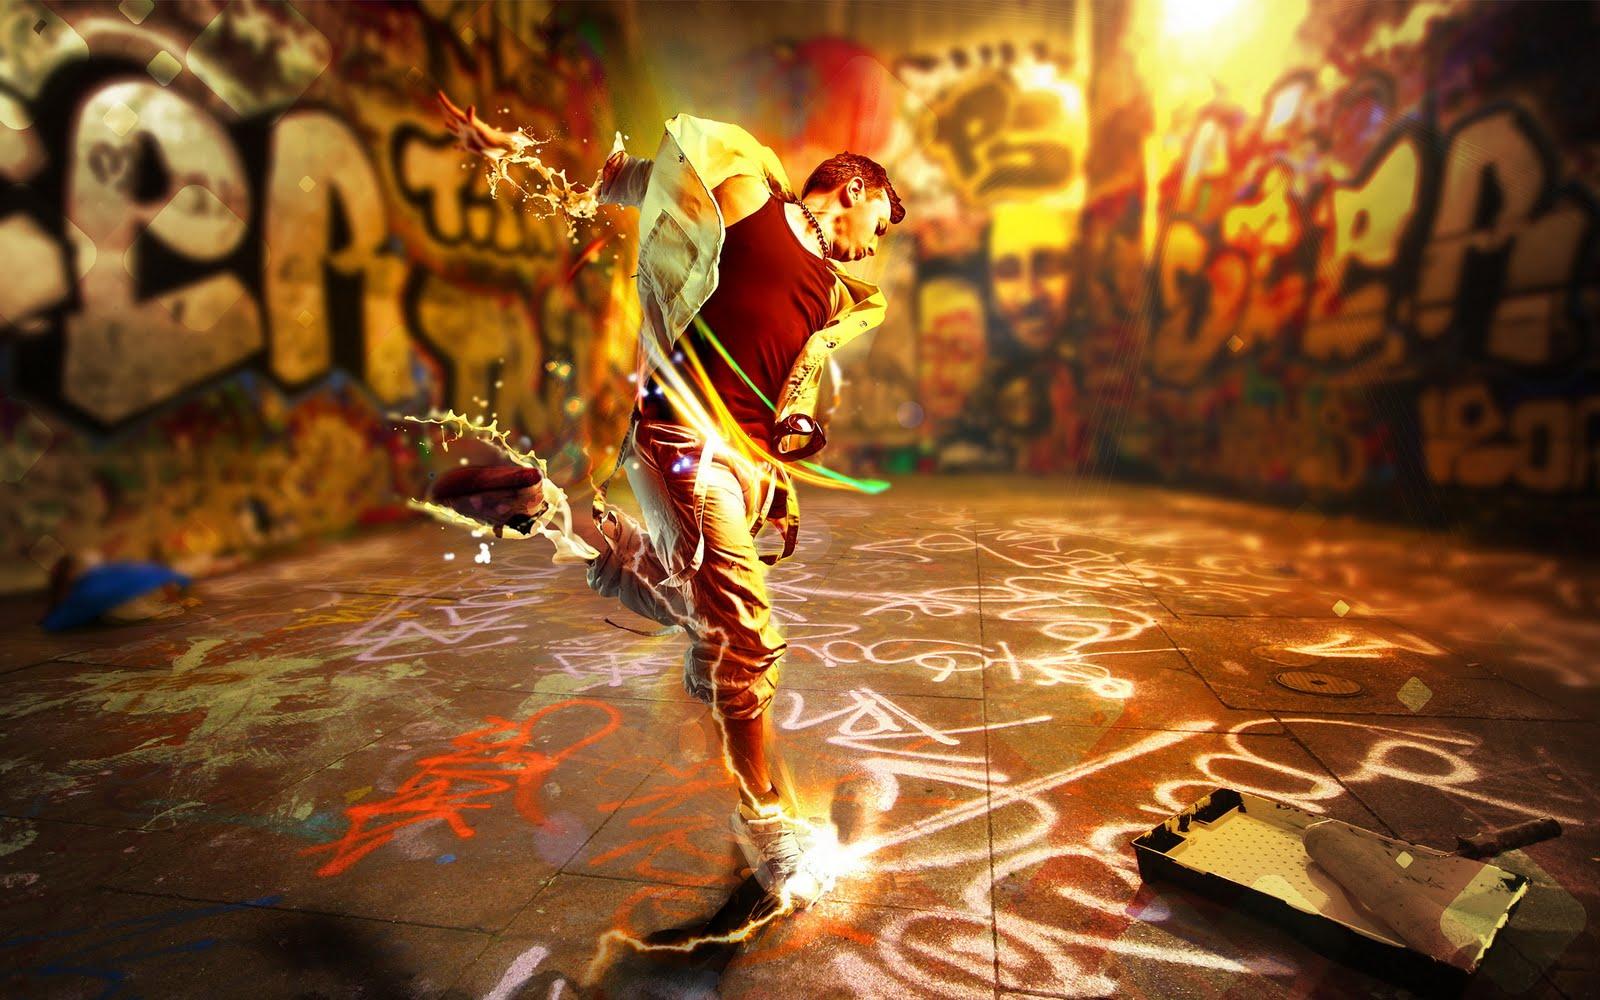 3d Dance Wallpapers For Desktop Hd 500x500 3d Dance: Trololo Blogg: Hd Wallpaper Dance